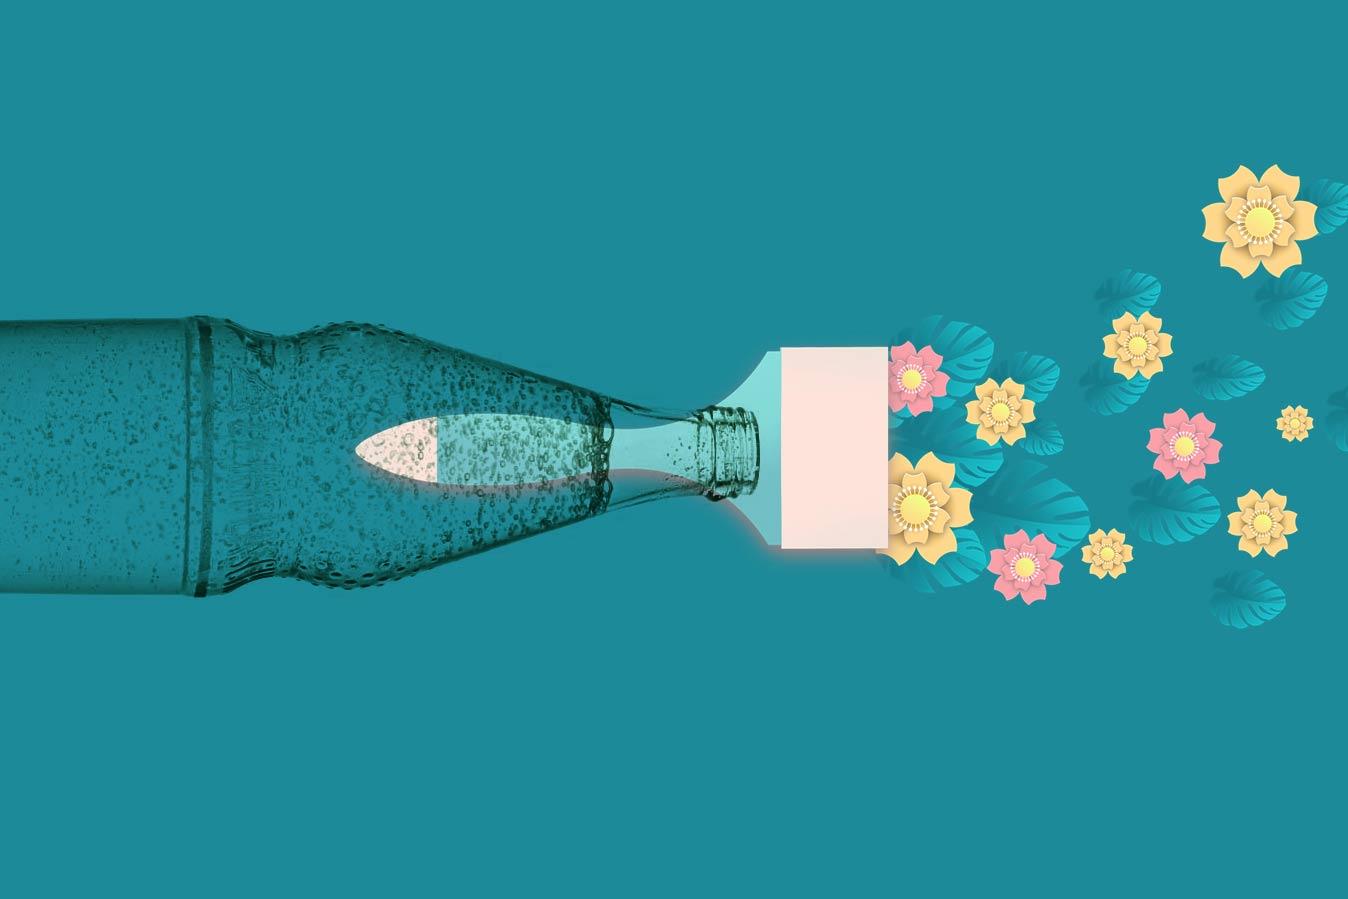 Страна с 92% переработанной тары: как в Литве работает депозитная система возврата бутылок